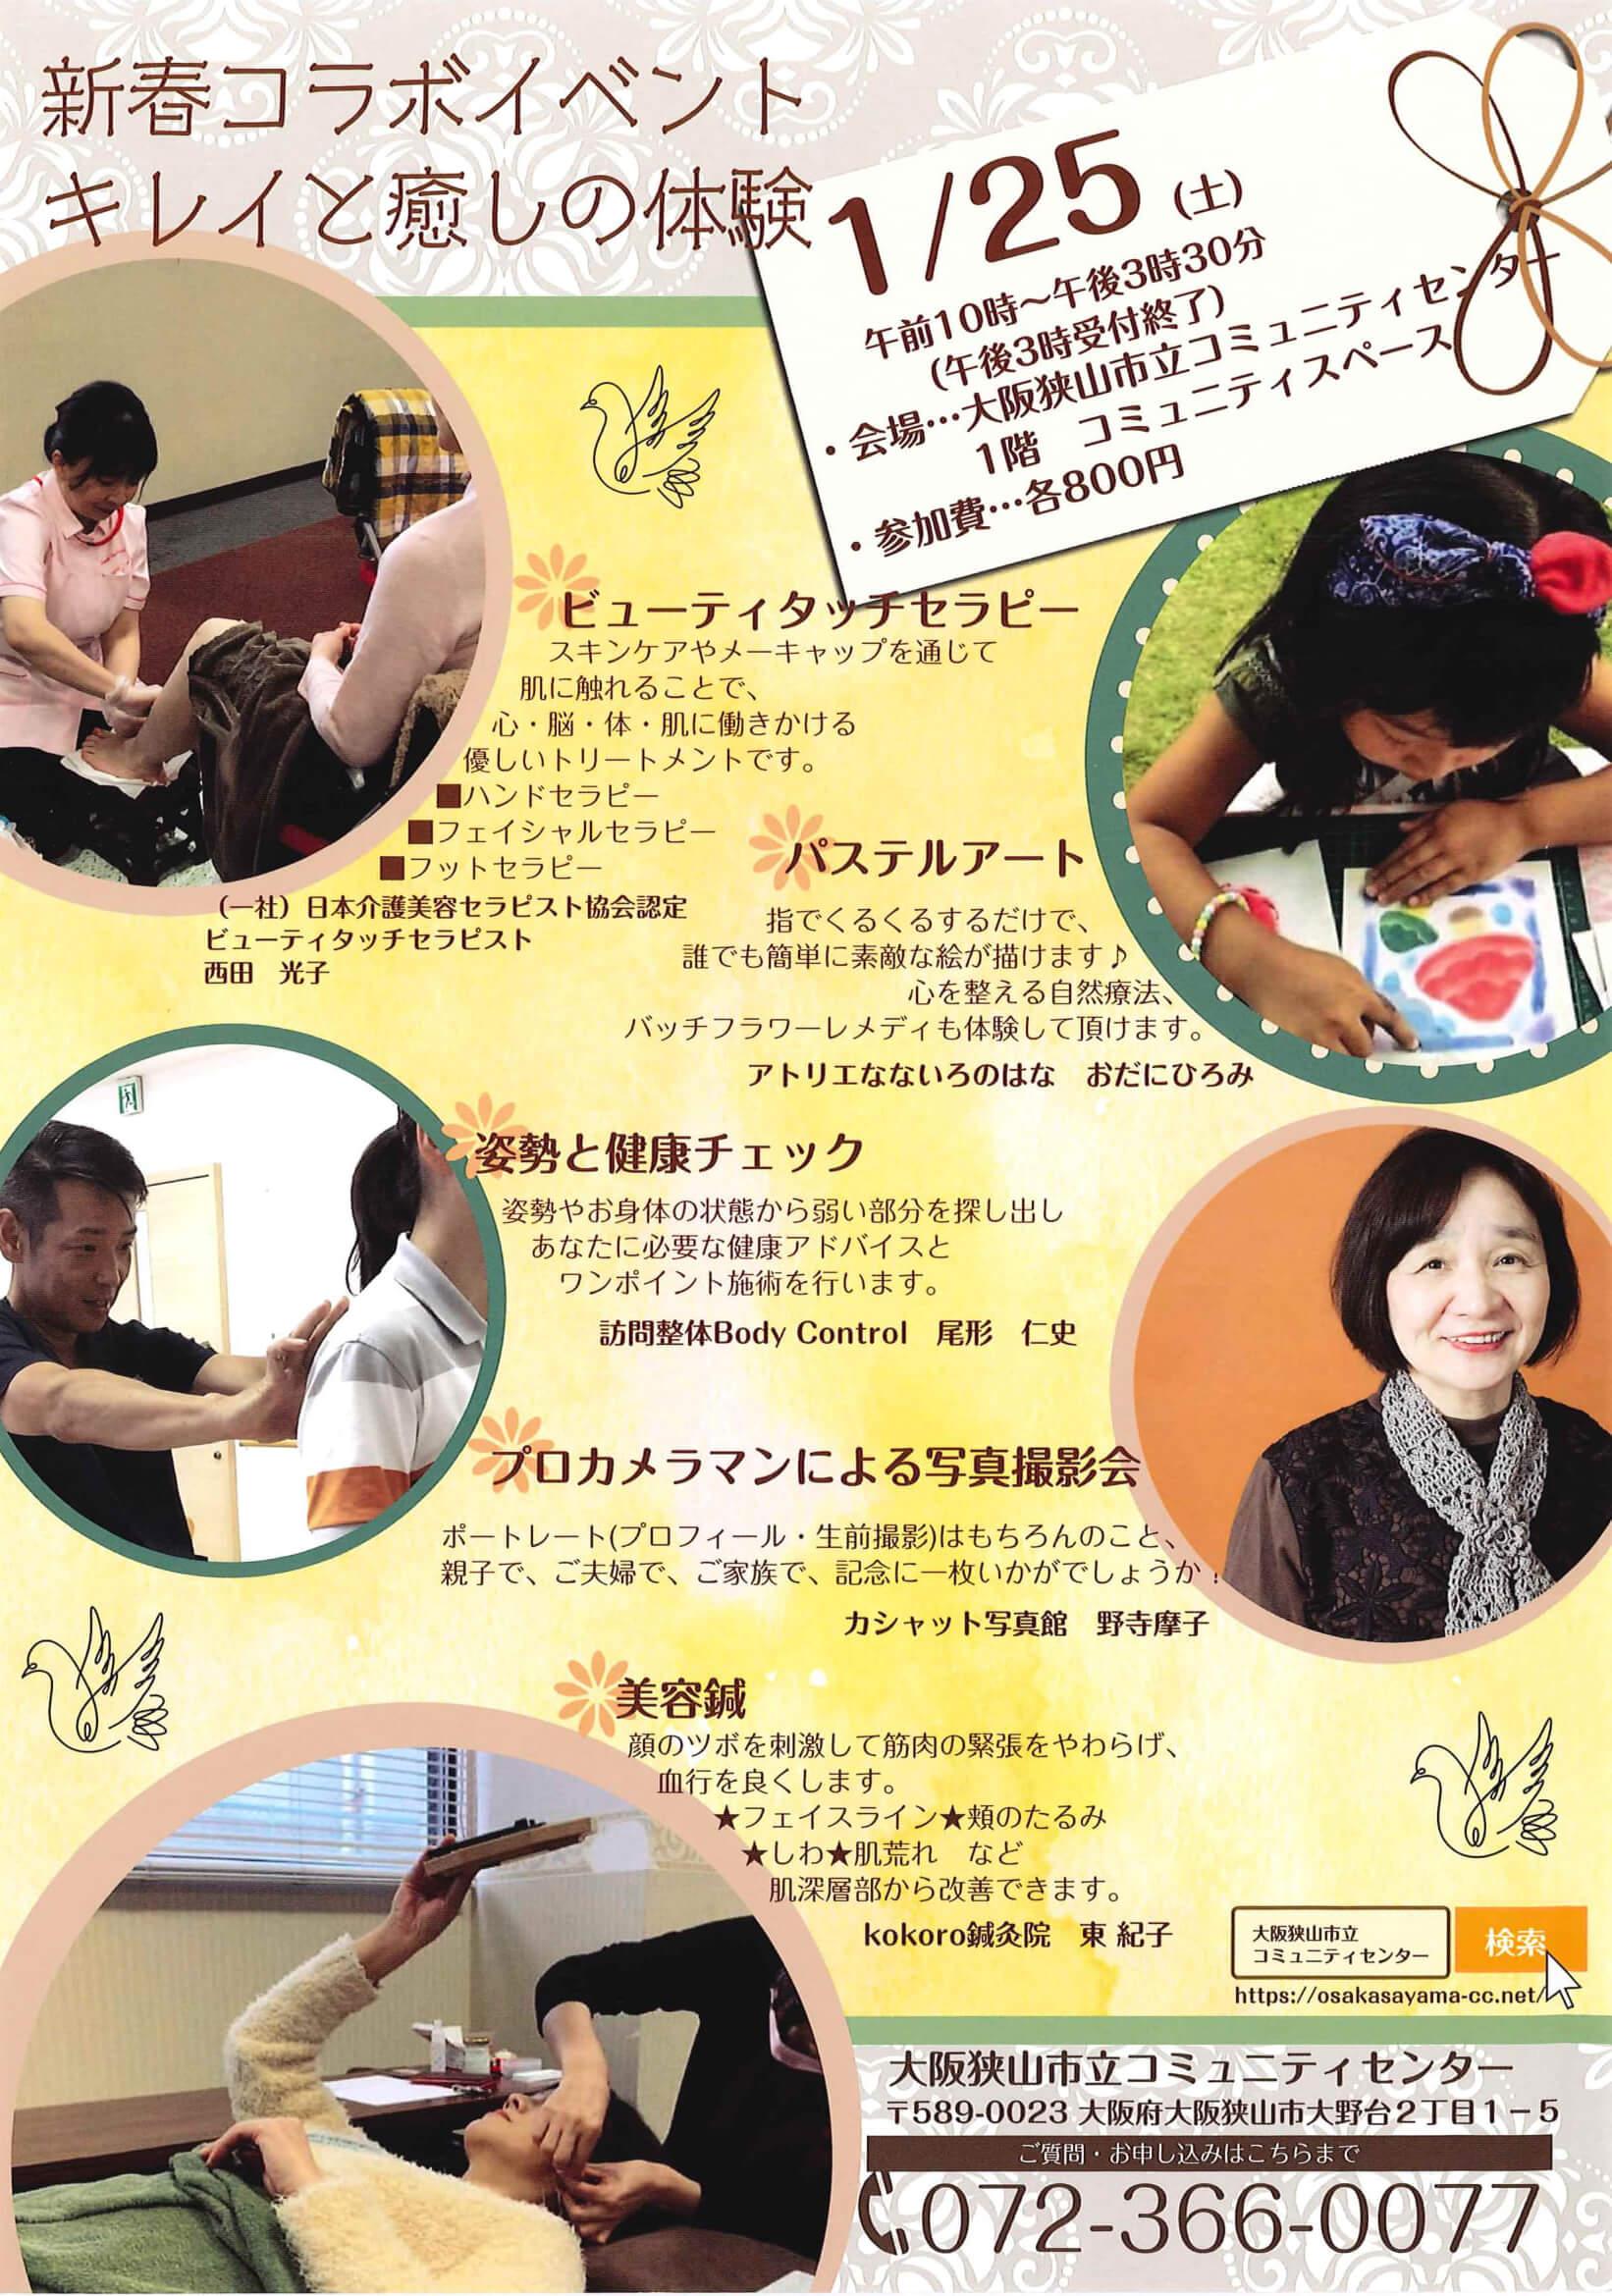 新春コラボイベント「キレイと癒しの体験」